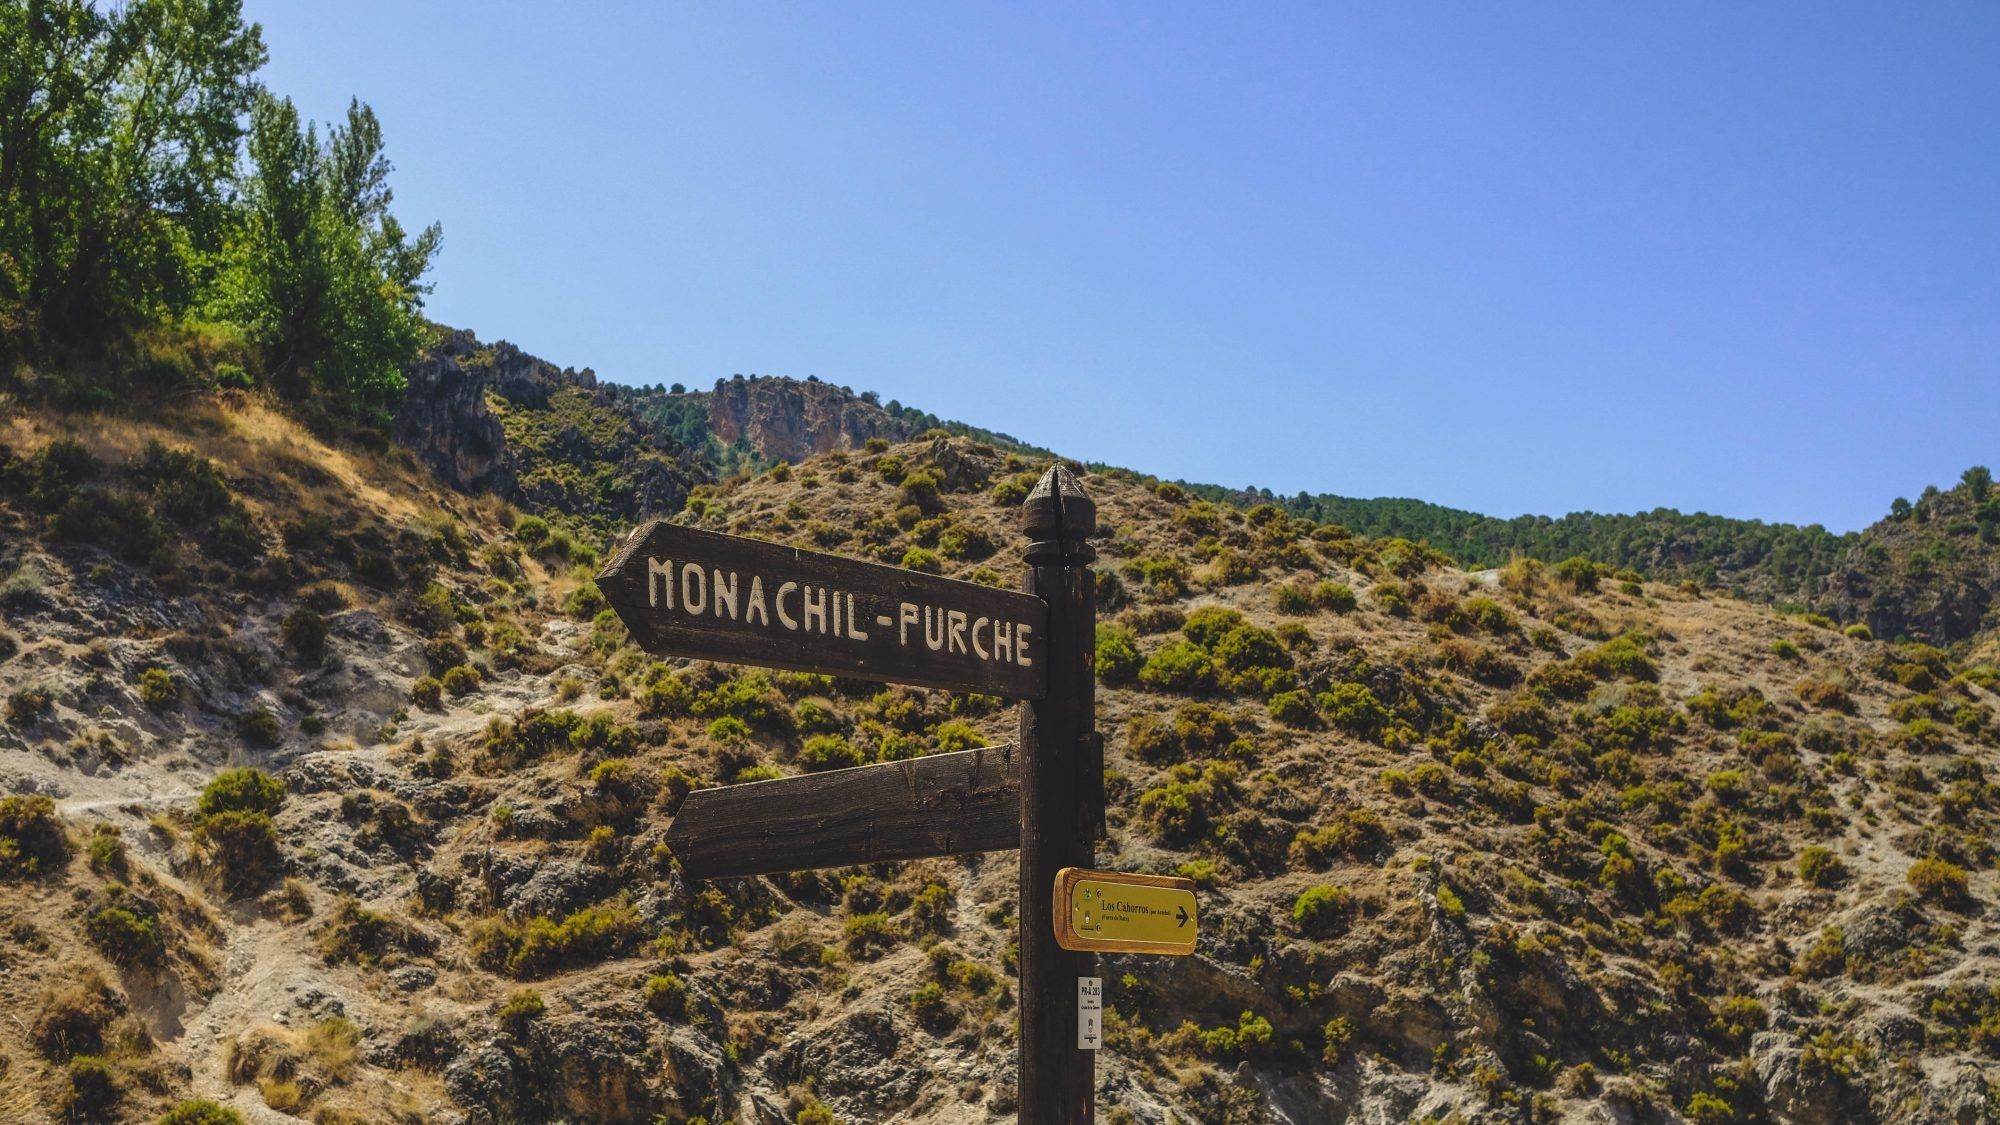 Panneau du circuit de la randonnée de los cahorros de monachil dans la sierra nevada Andalousia